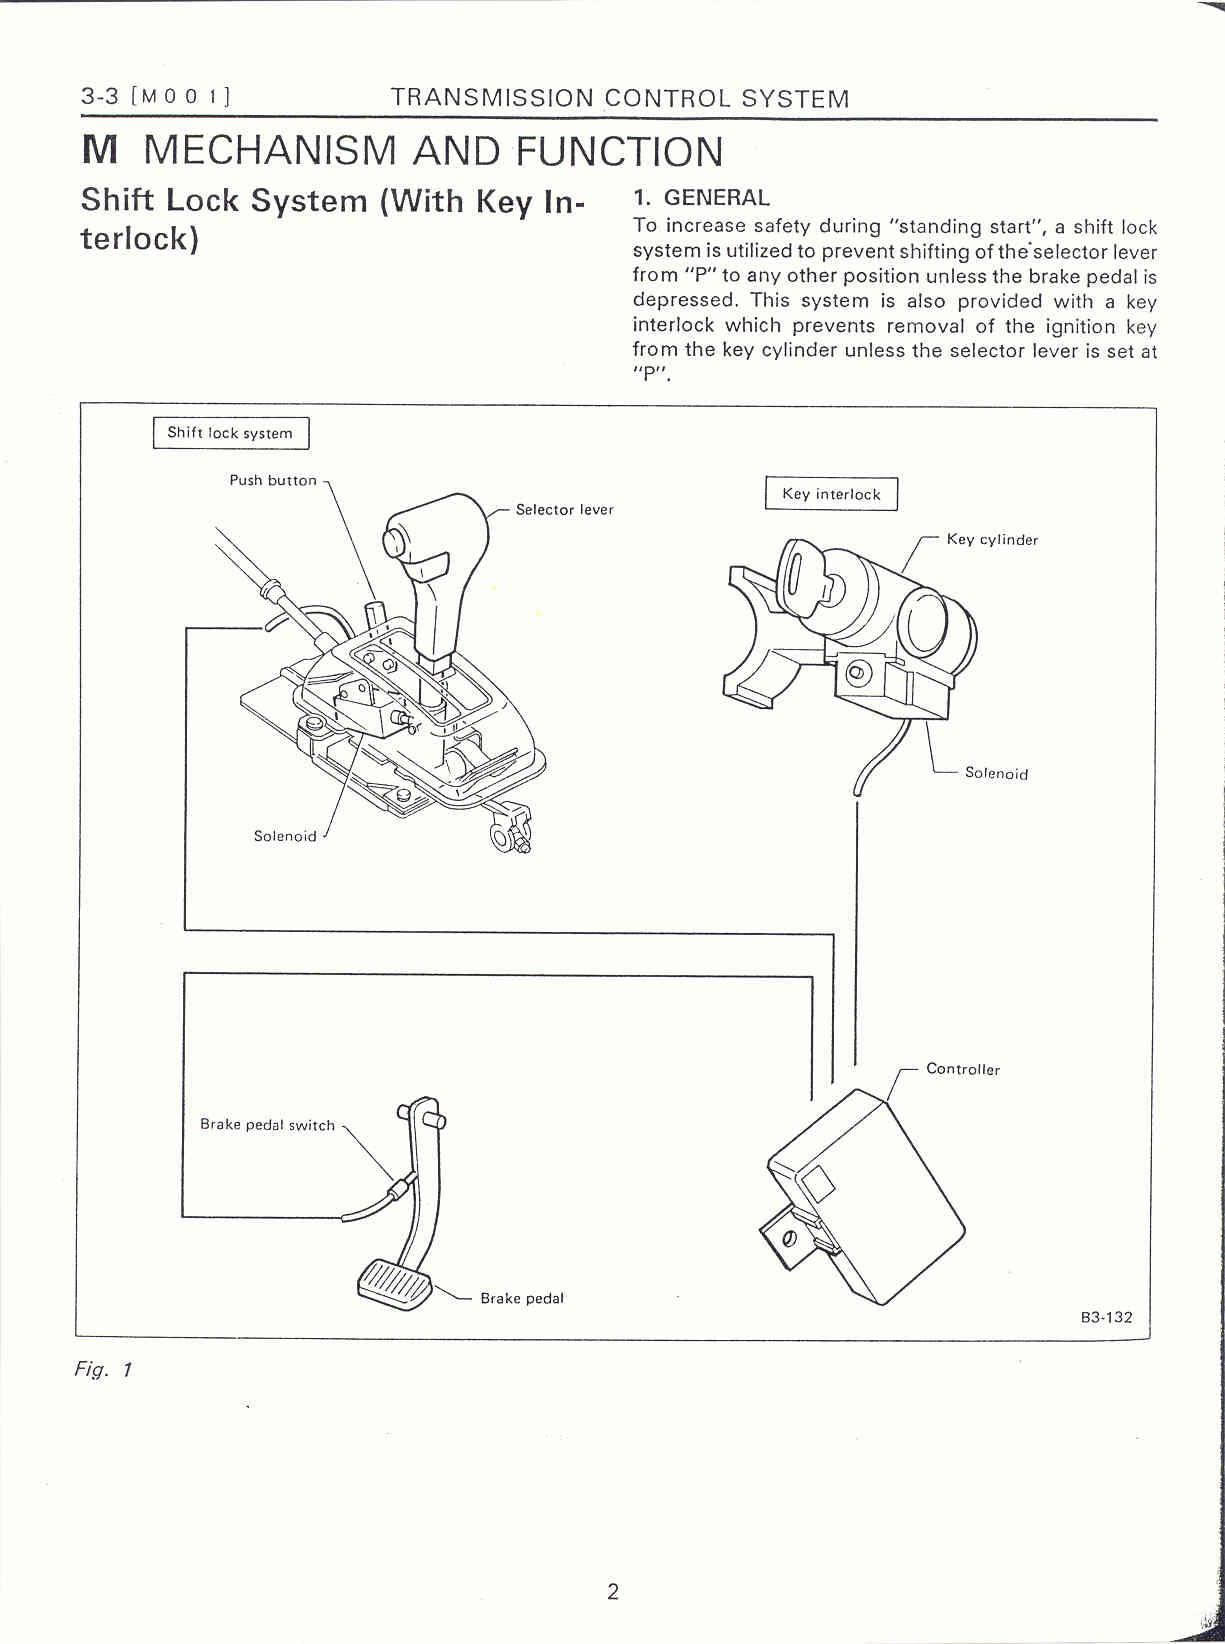 key interlock system � at shift lock system